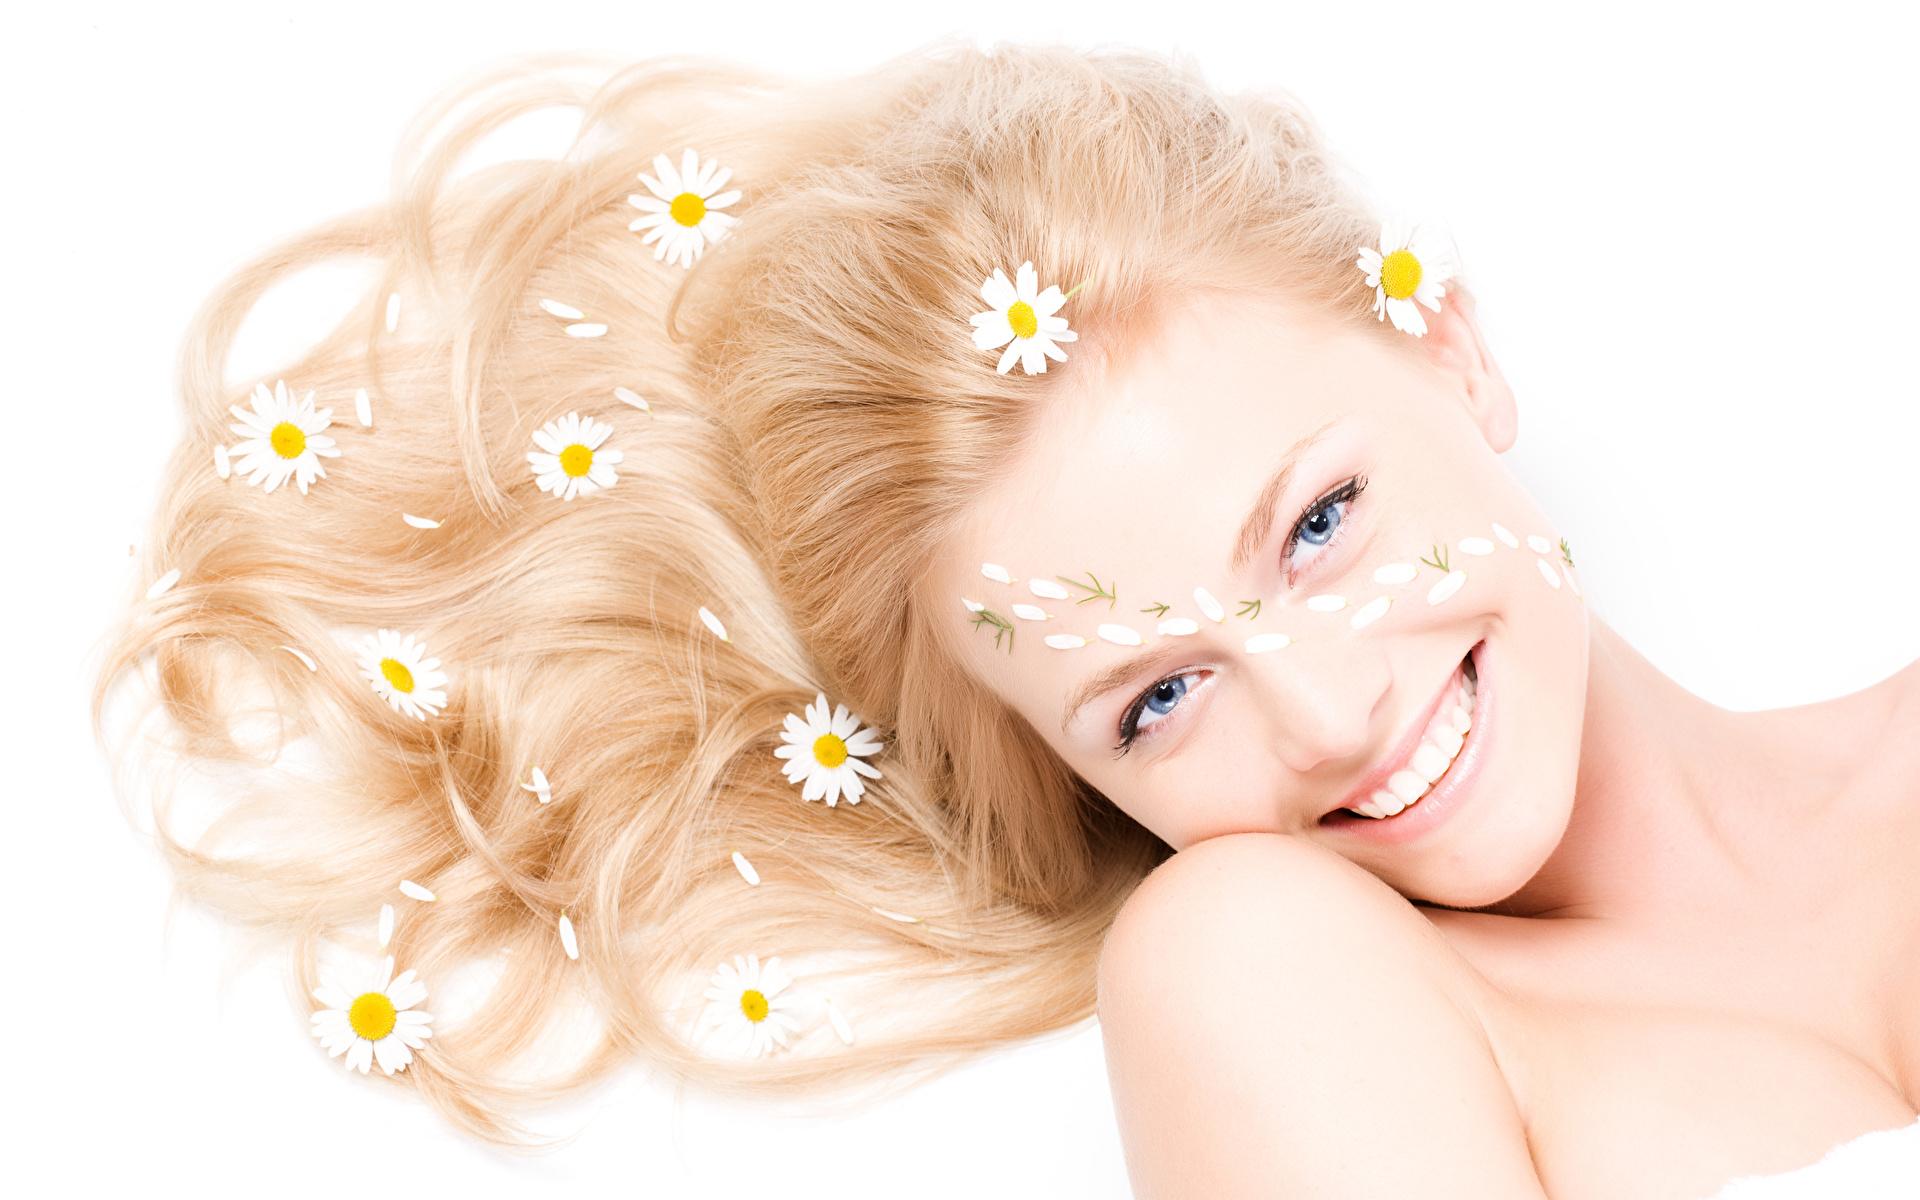 Картинки Улыбка Волосы Девушки ромашка Взгляд Белый фон 1920x1200 улыбается волос девушка молодая женщина молодые женщины Ромашки смотрит смотрят белом фоне белым фоном